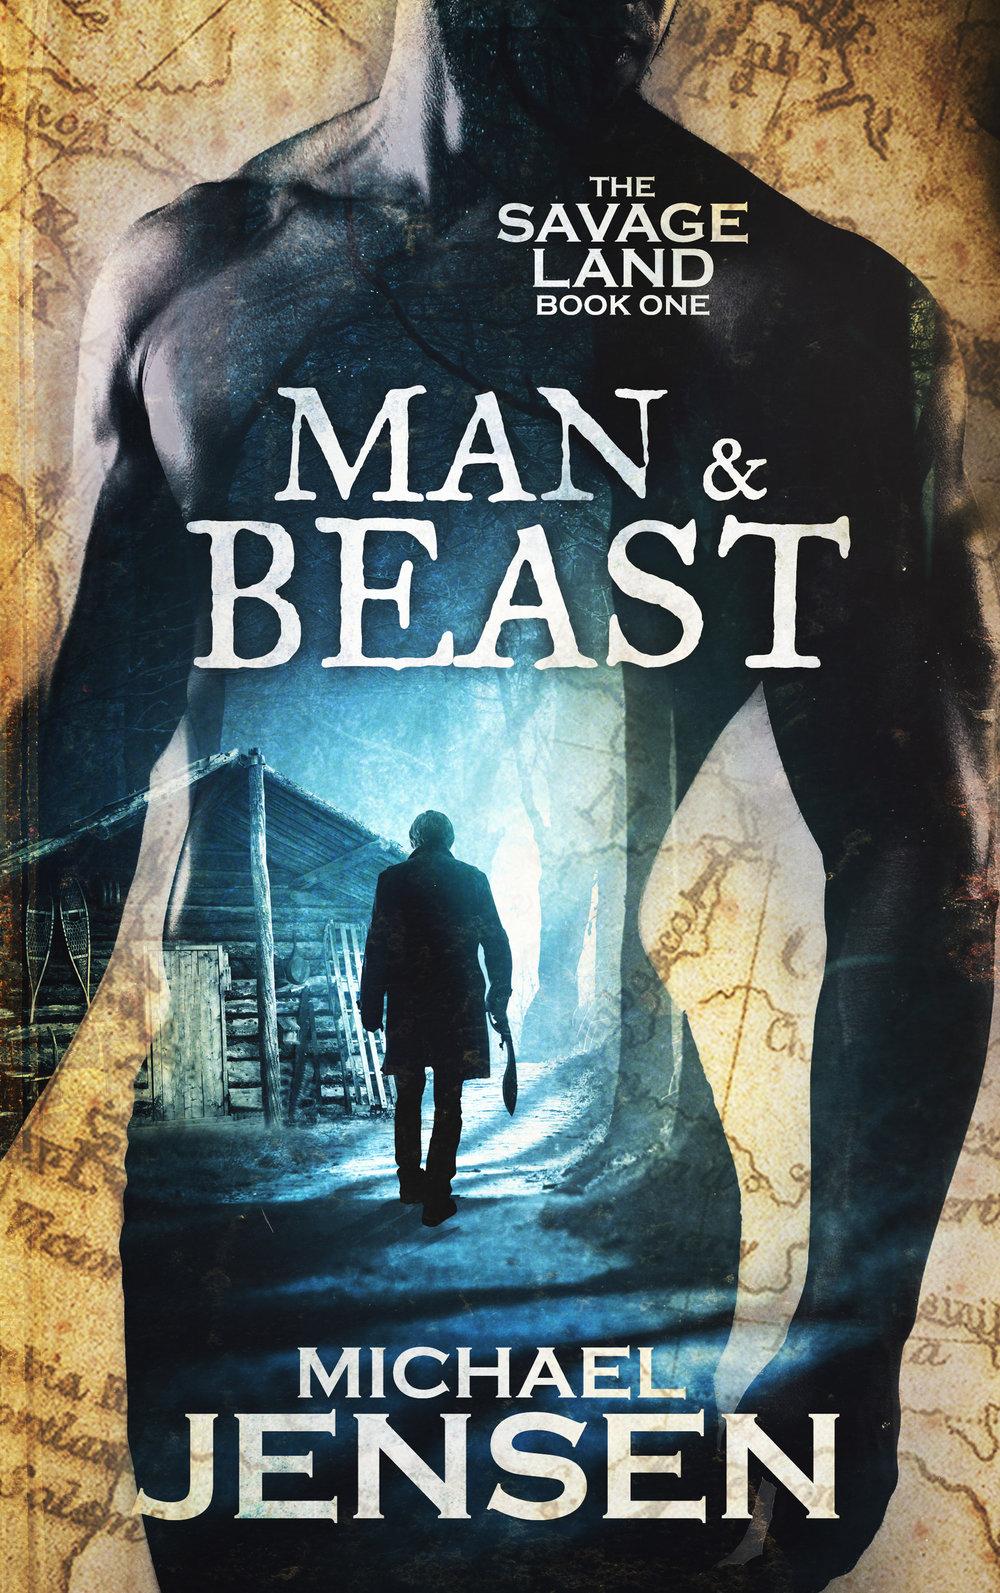 Man & Beast - Ebook.jpg